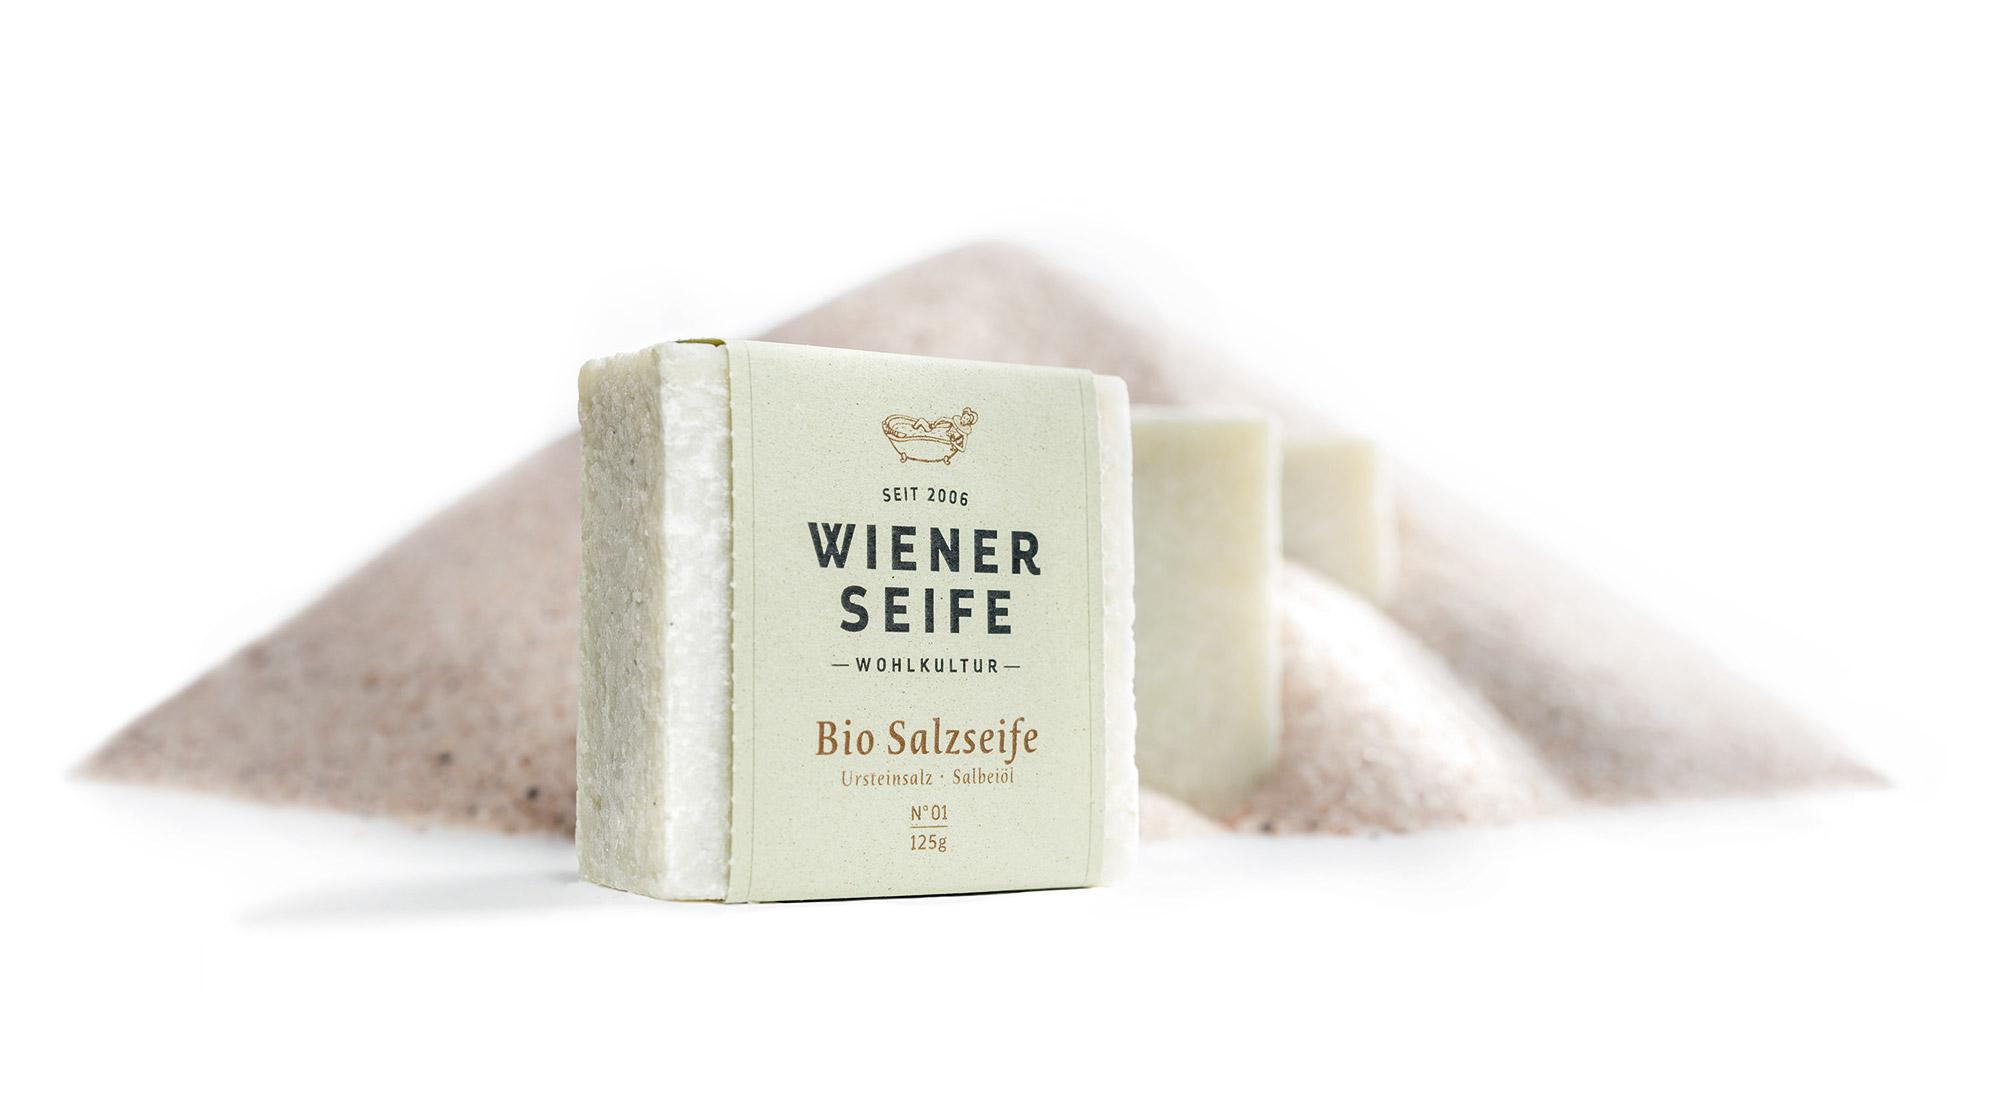 Wiener Seife – Immer Der Nase Nach